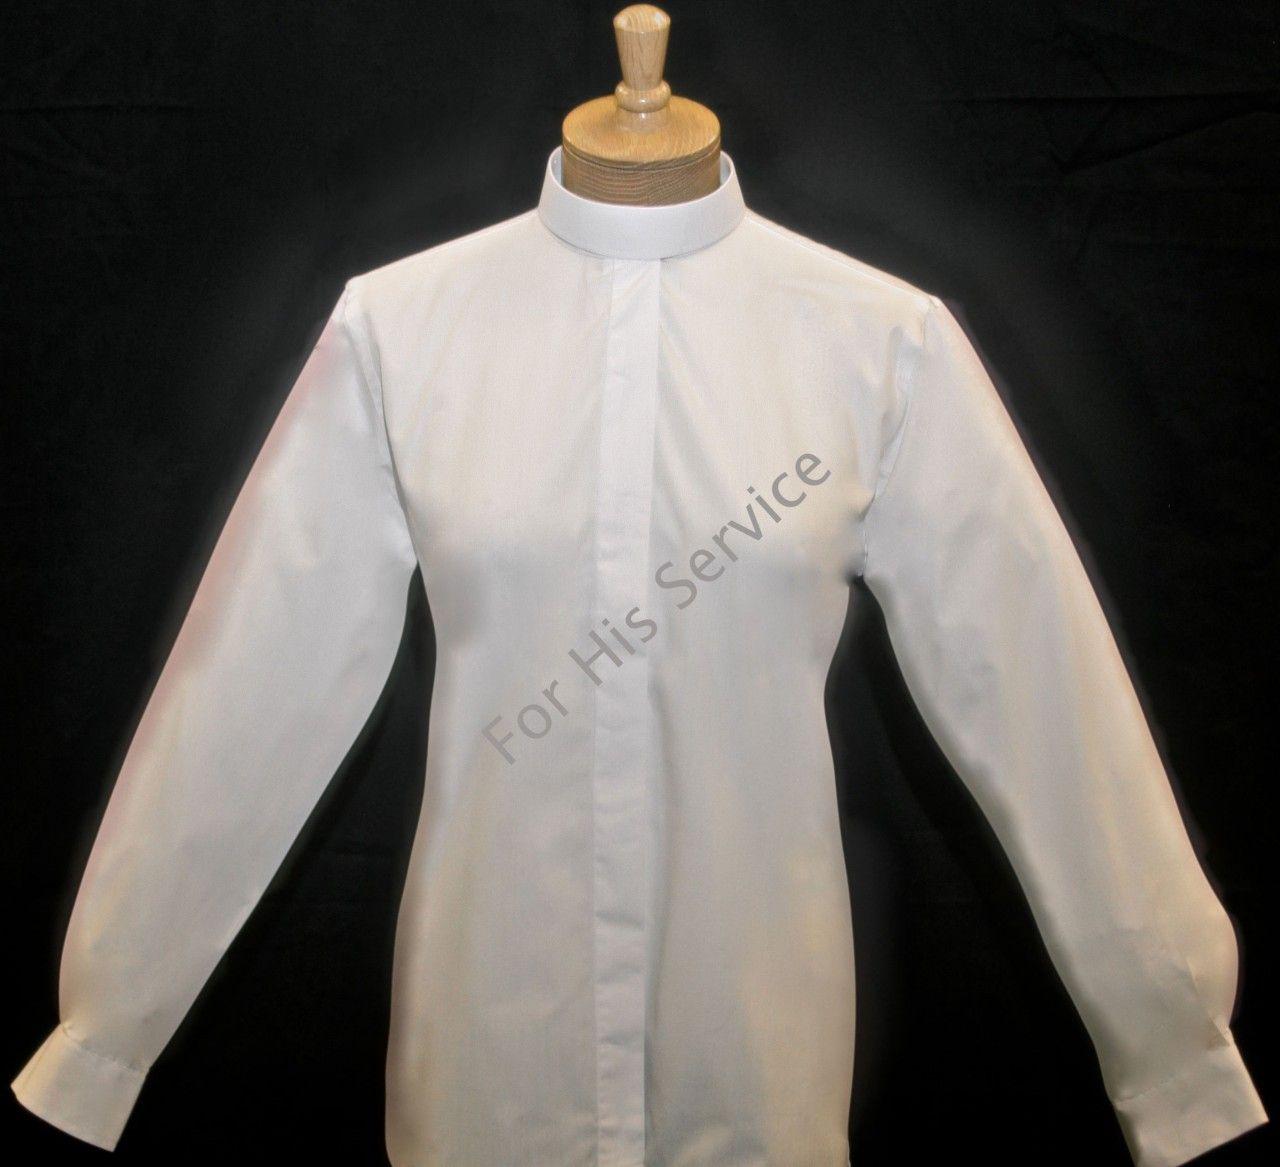 603. Women's Long-Sleeve (Banded) Full-Collar Clergy Shirt - White